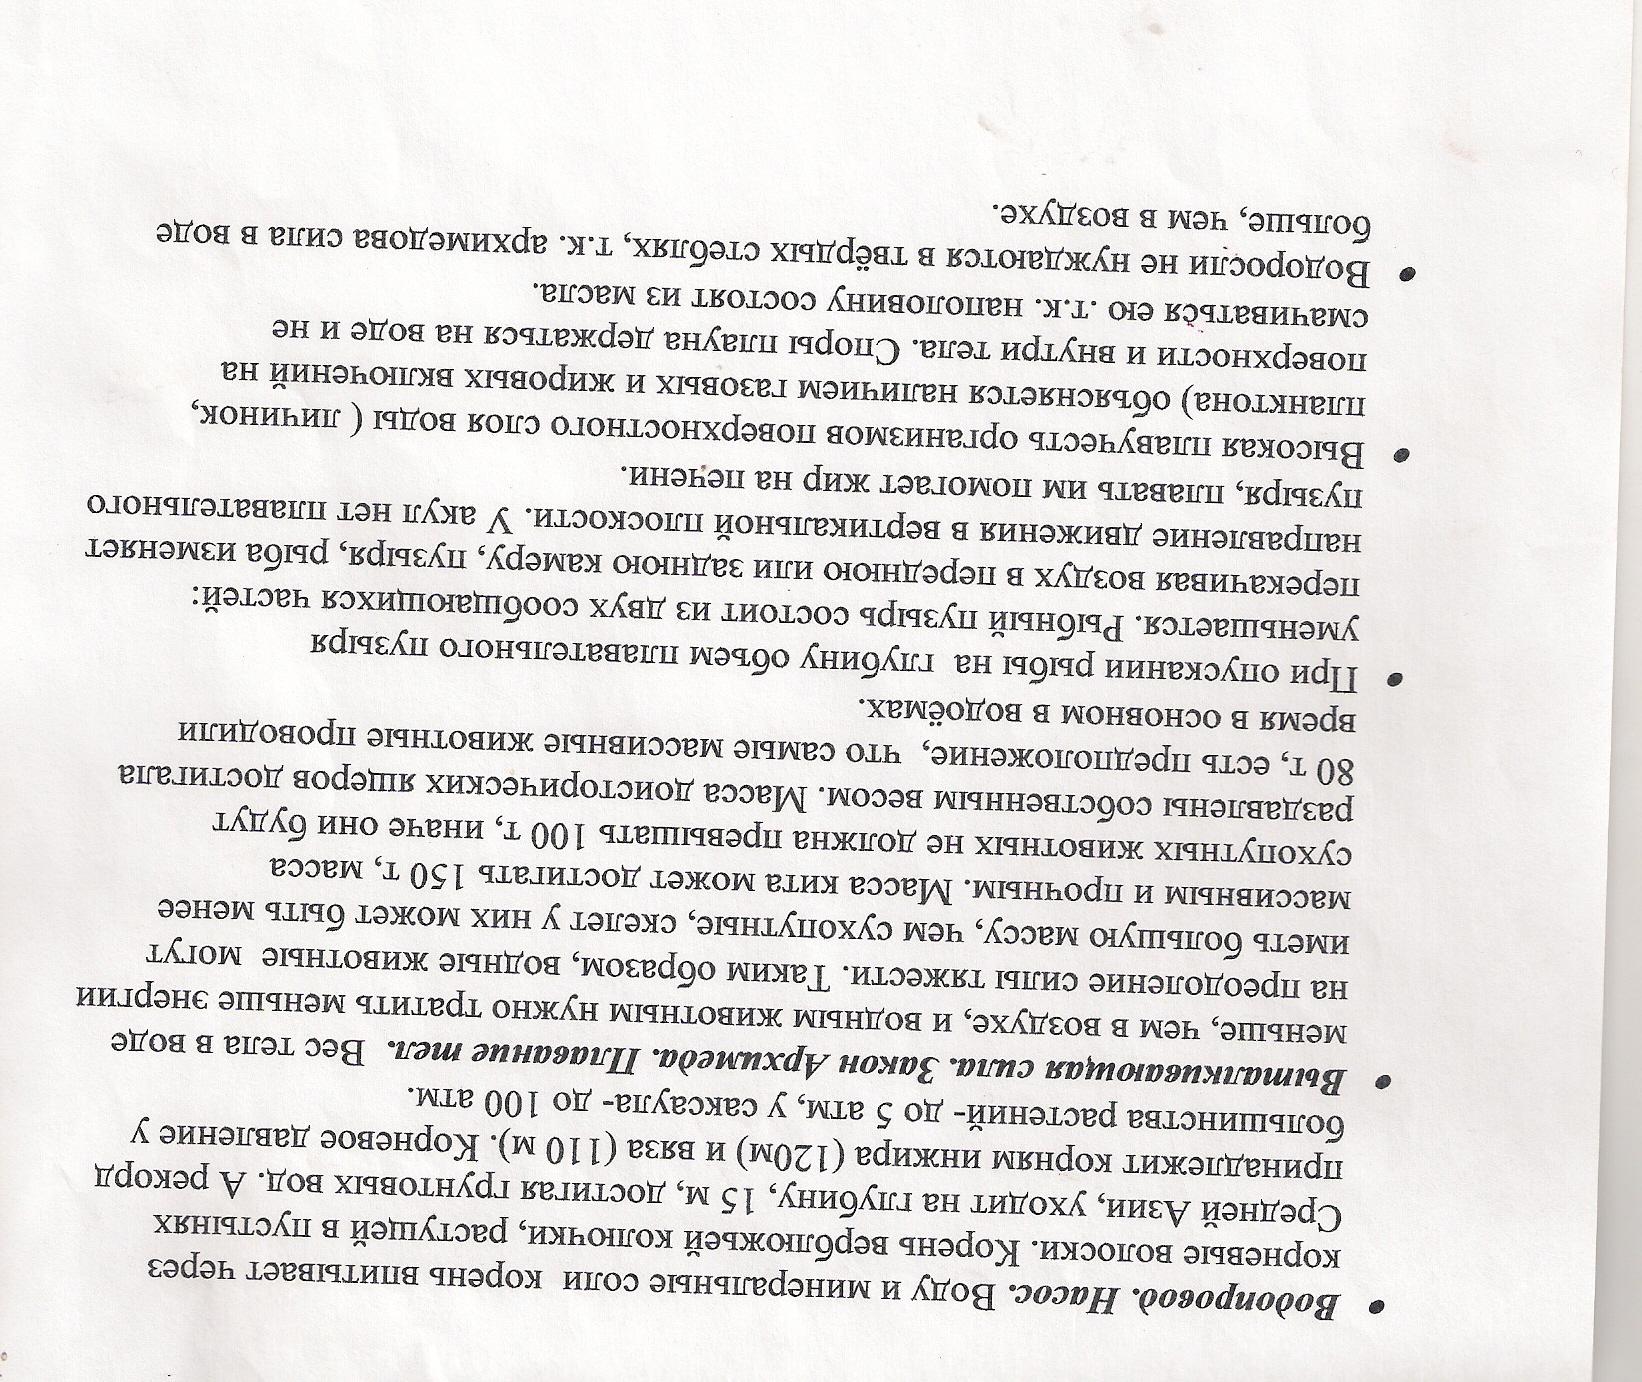 F:\ДЕЛАТЬ ПРОЕКТ\2012-03 (мар)\сканирование0031.jpg